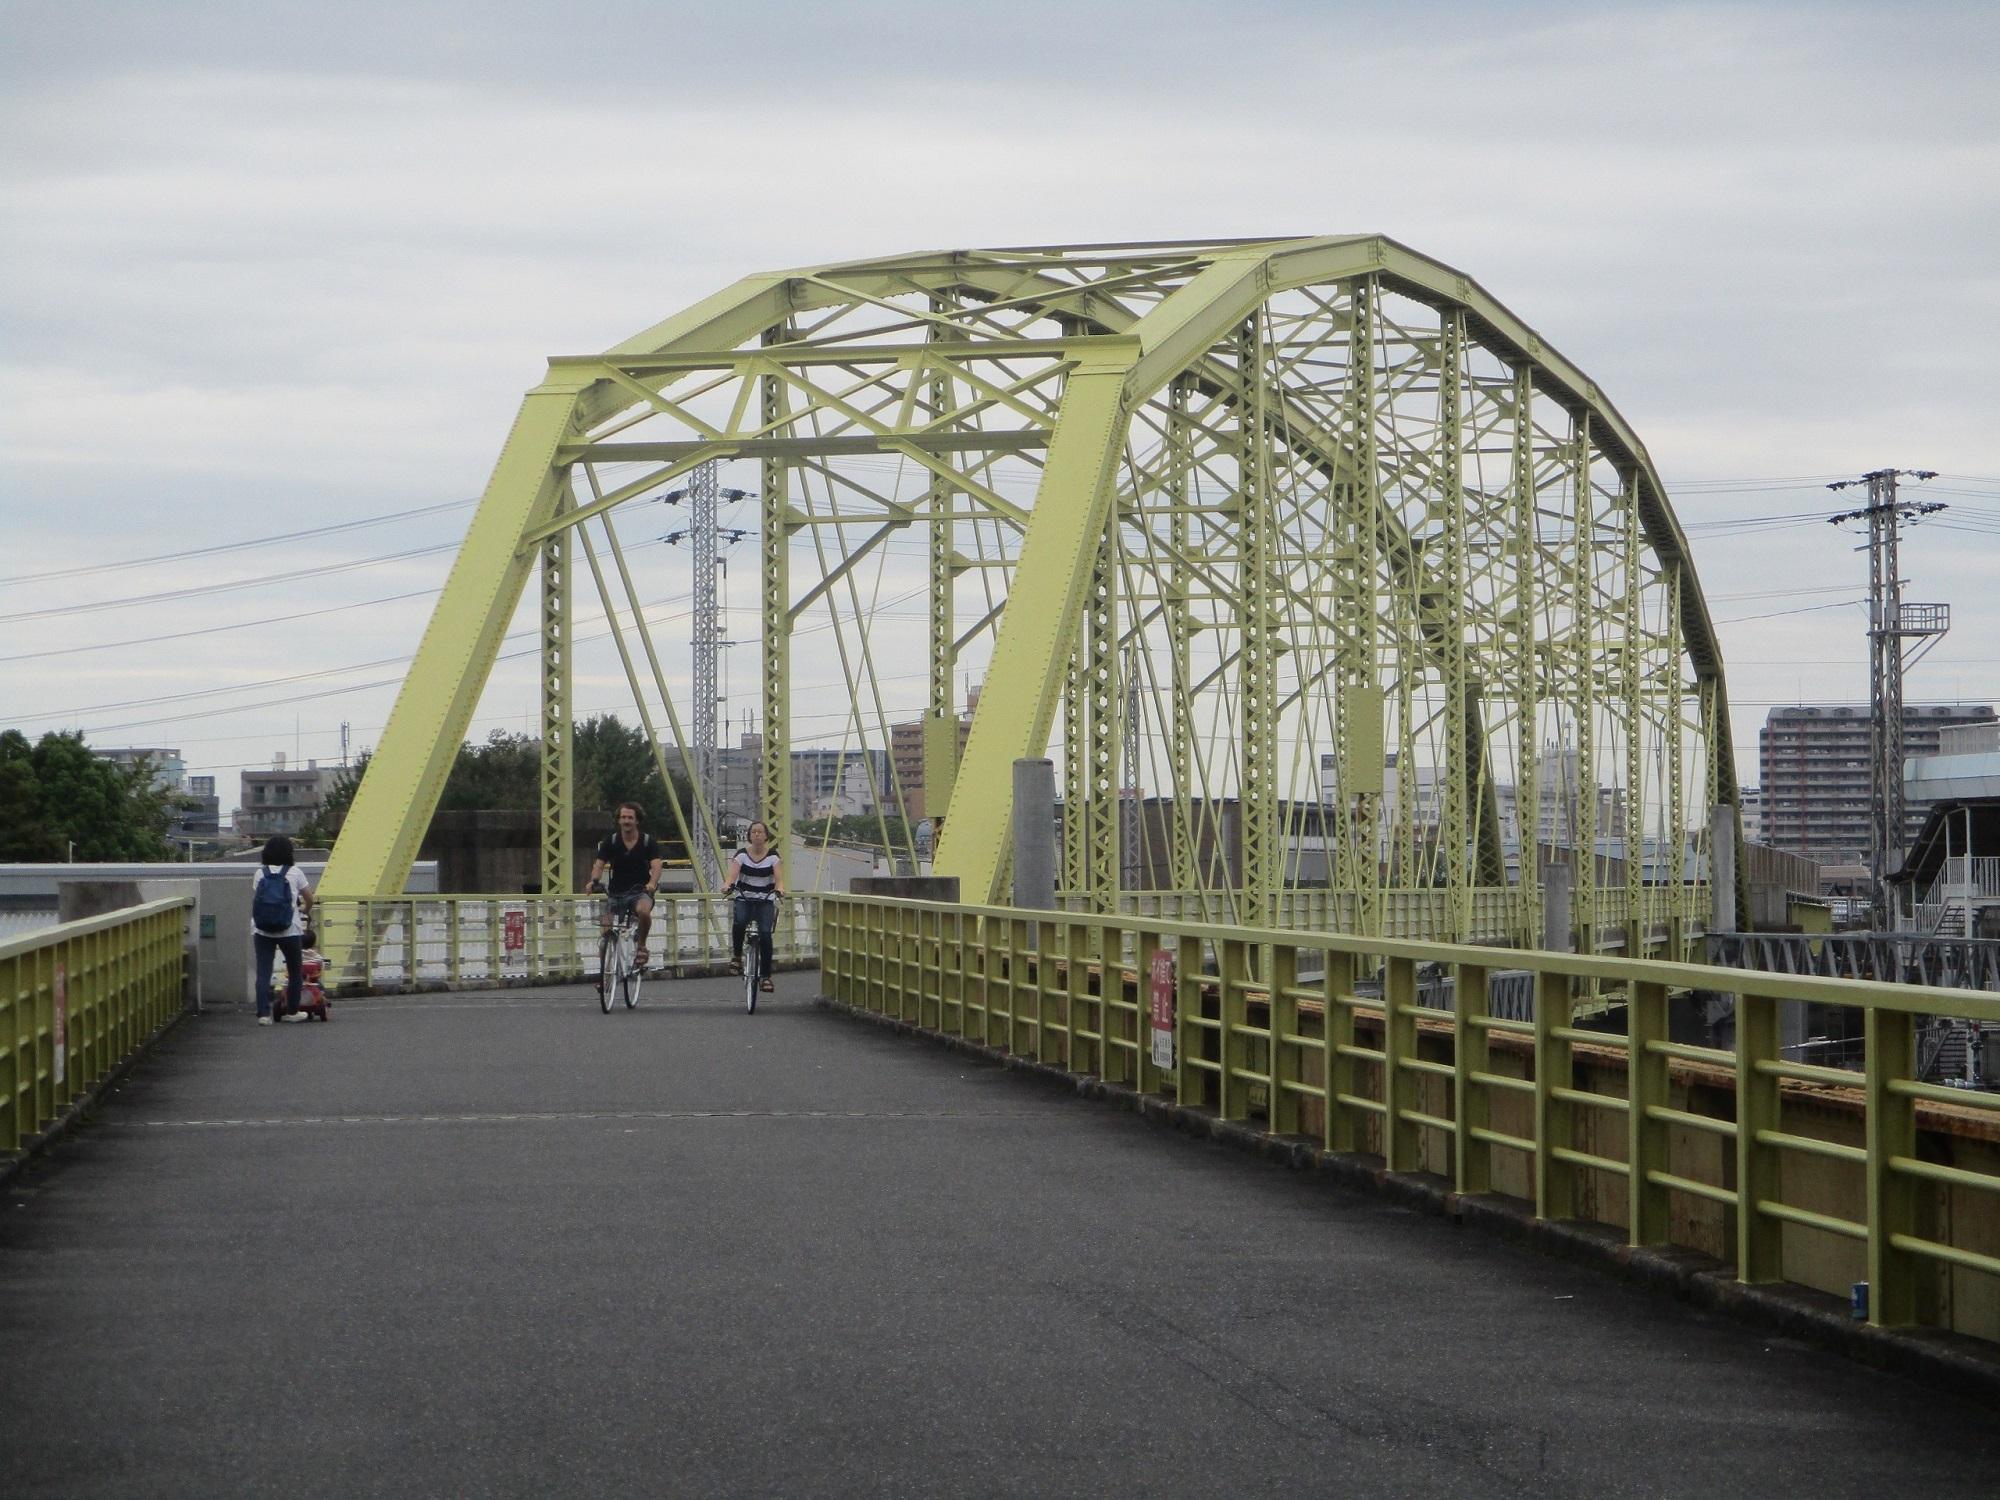 2019.9.18 (45) 向野橋(みなみから) 2000-1500